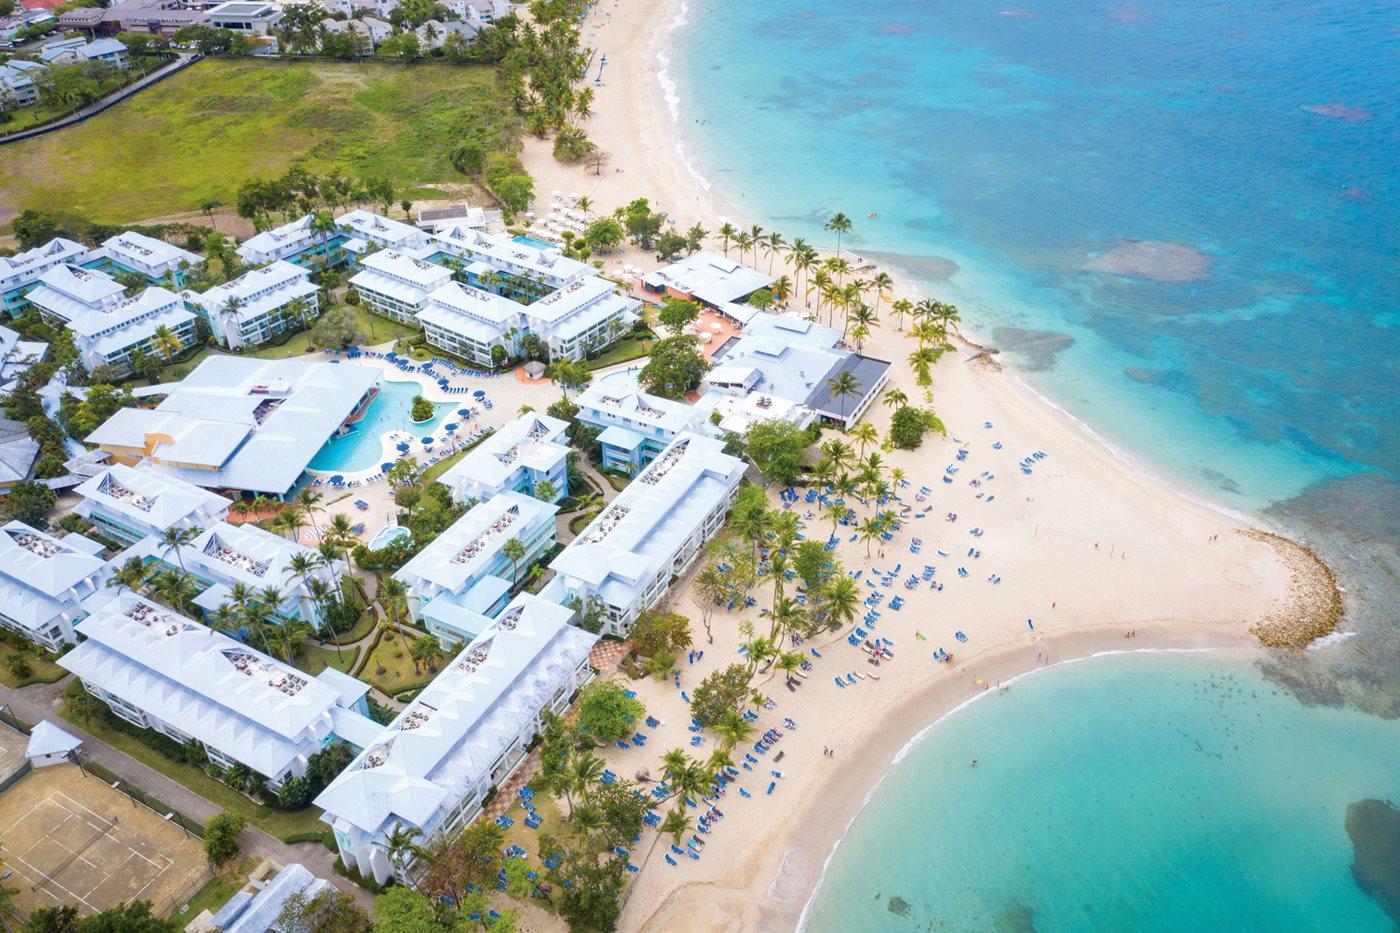 Hoteleros de Playa Dorada valoran decreto de Medina sobre seguridad turística